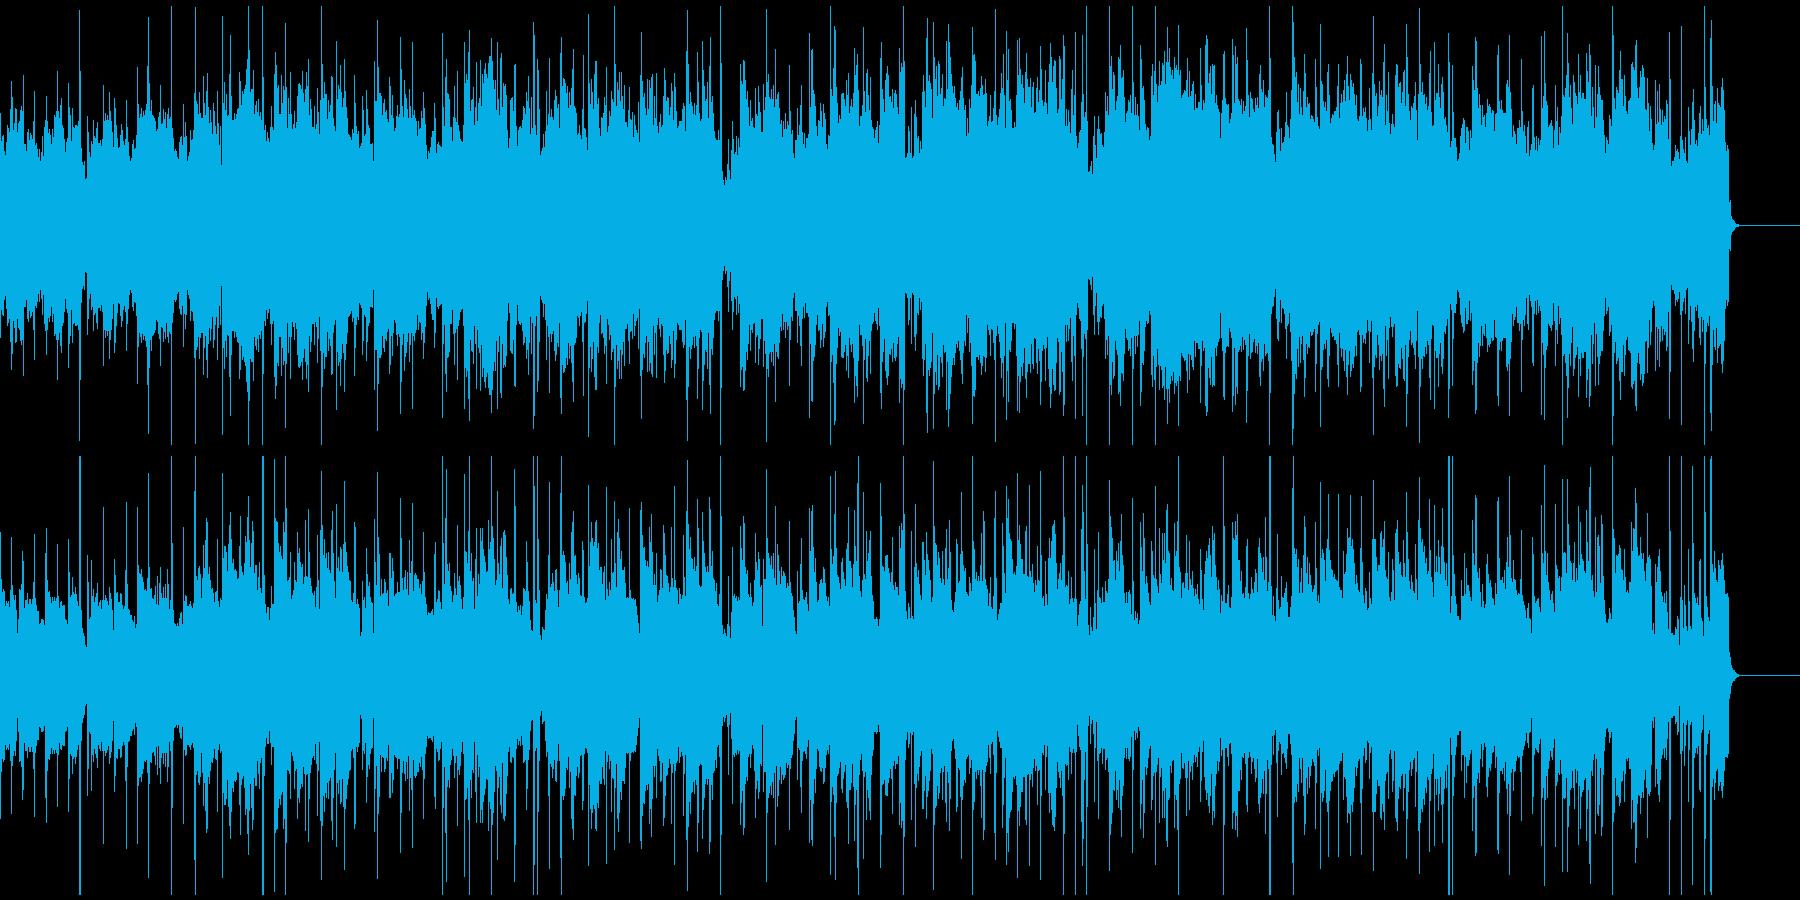 ほんわかとしたビブラフォンのバラードの再生済みの波形